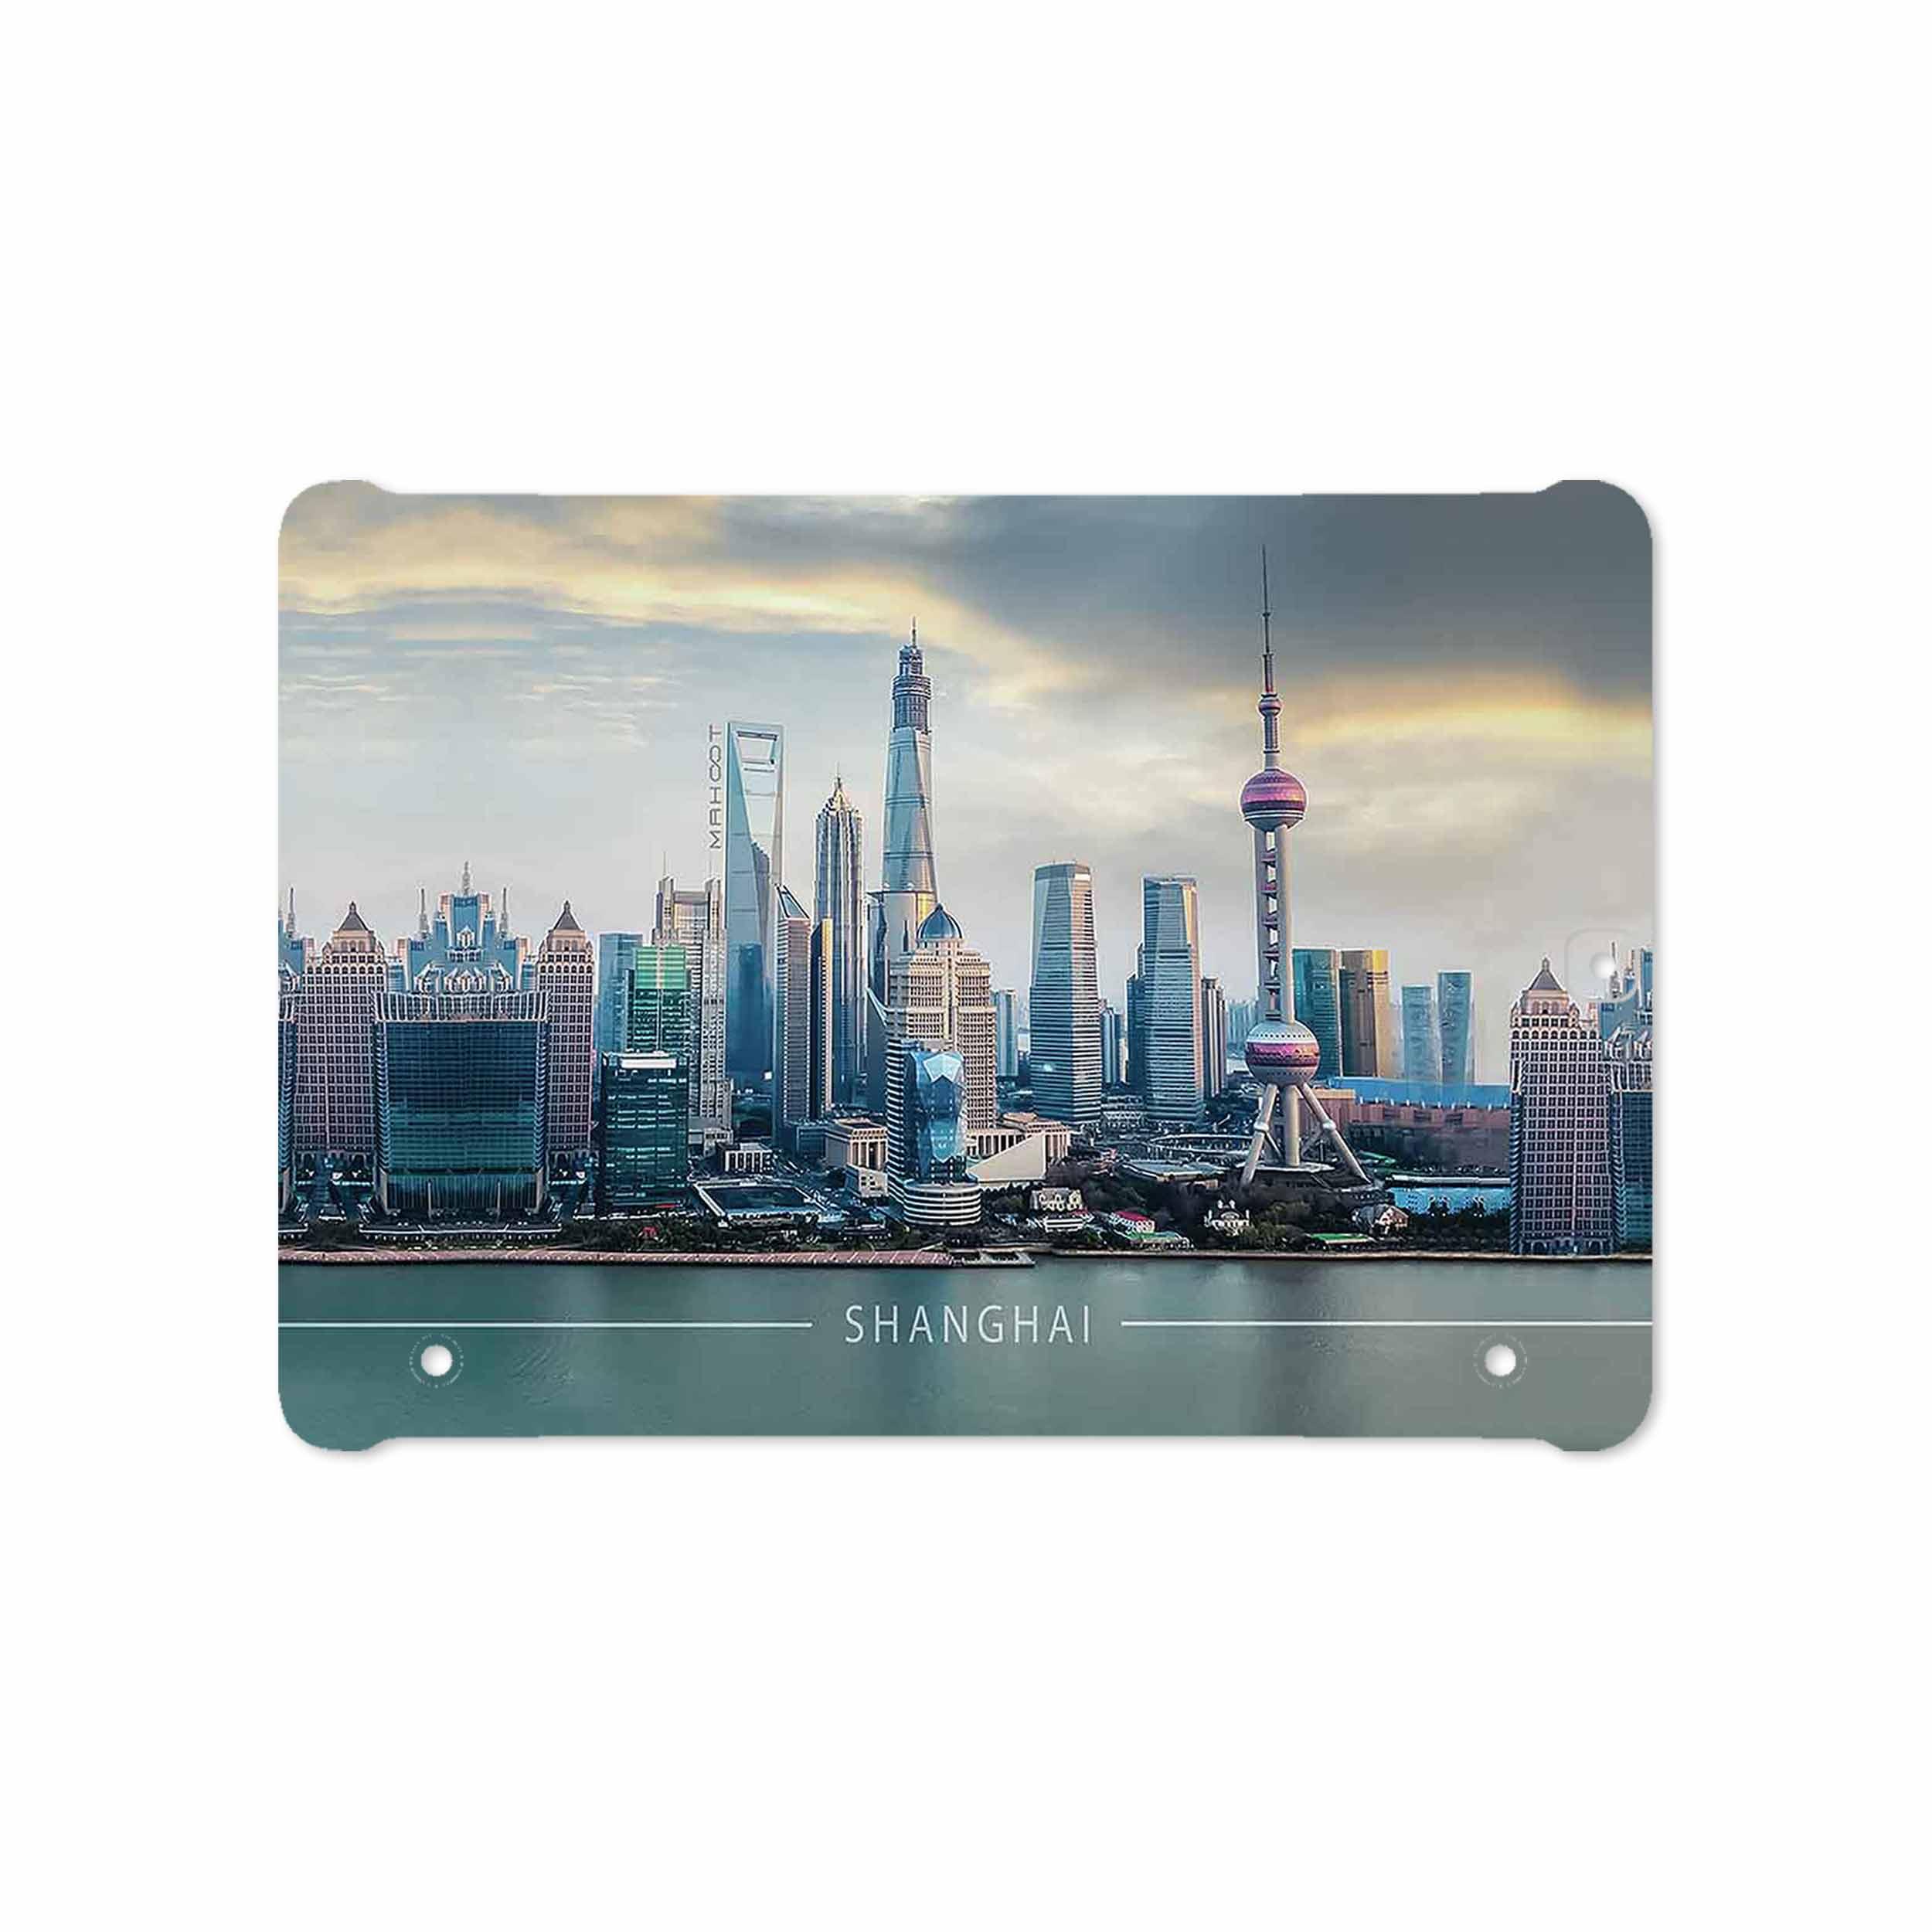 بررسی و خرید [با تخفیف]                                     برچسب پوششی ماهوت مدل Shanghai City مناسب برای تبلت سامسونگ Galaxy Tab S2 9.7 2015 T810                             اورجینال